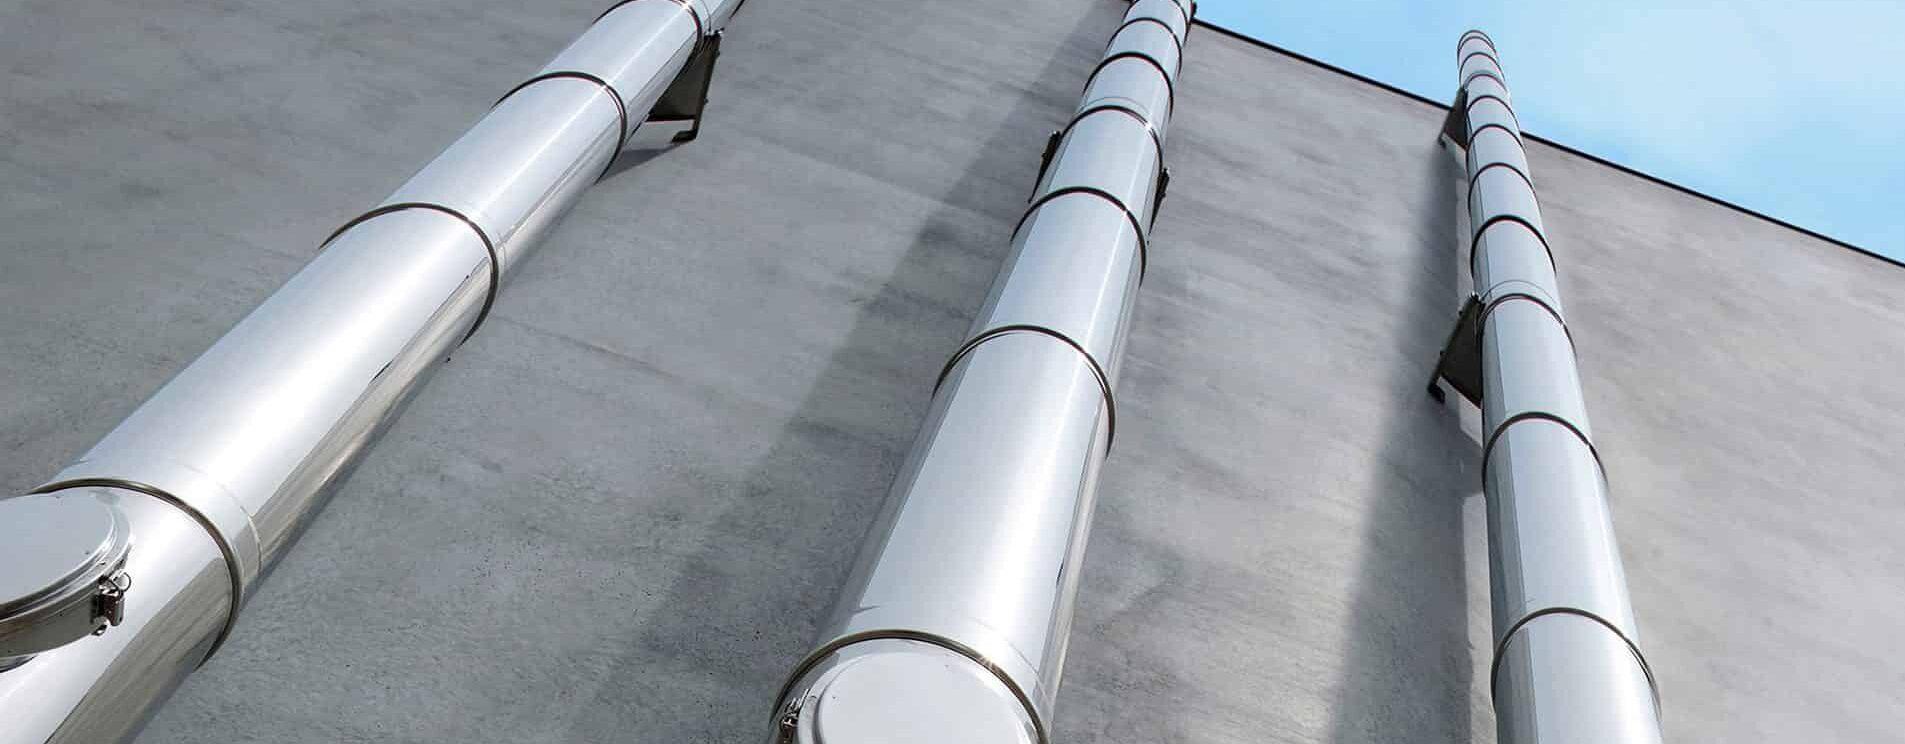 Conductos De Ventilacion Industriales E1596784066898